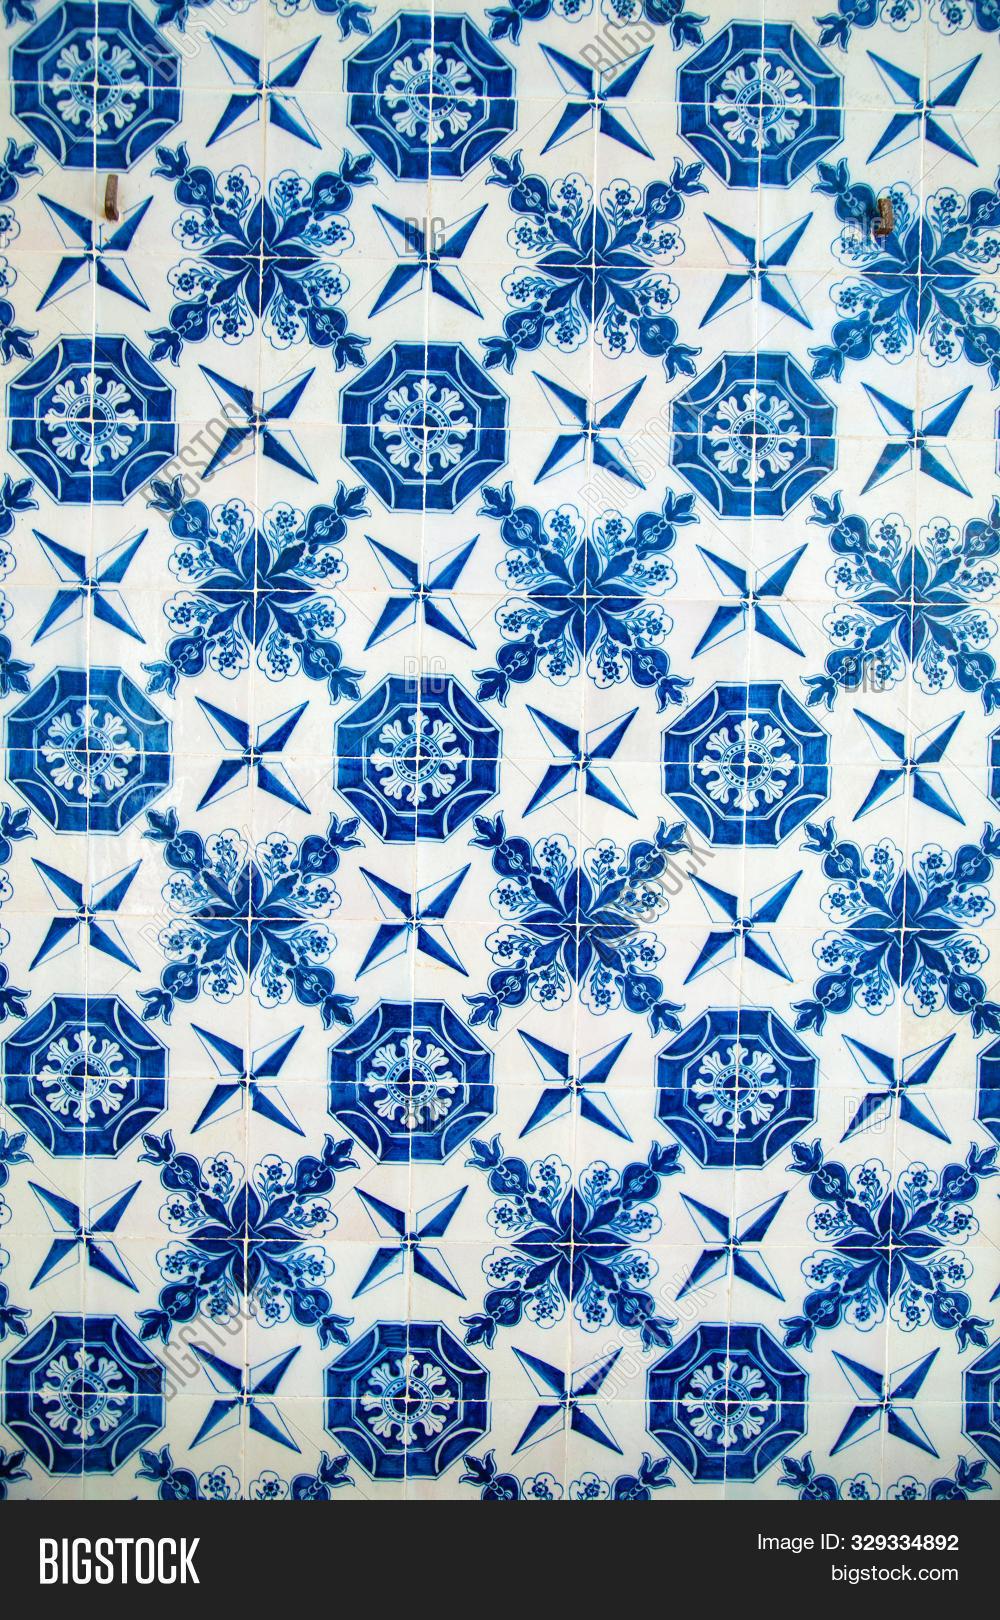 Handmade Blue Turkish Flower ceramic tile